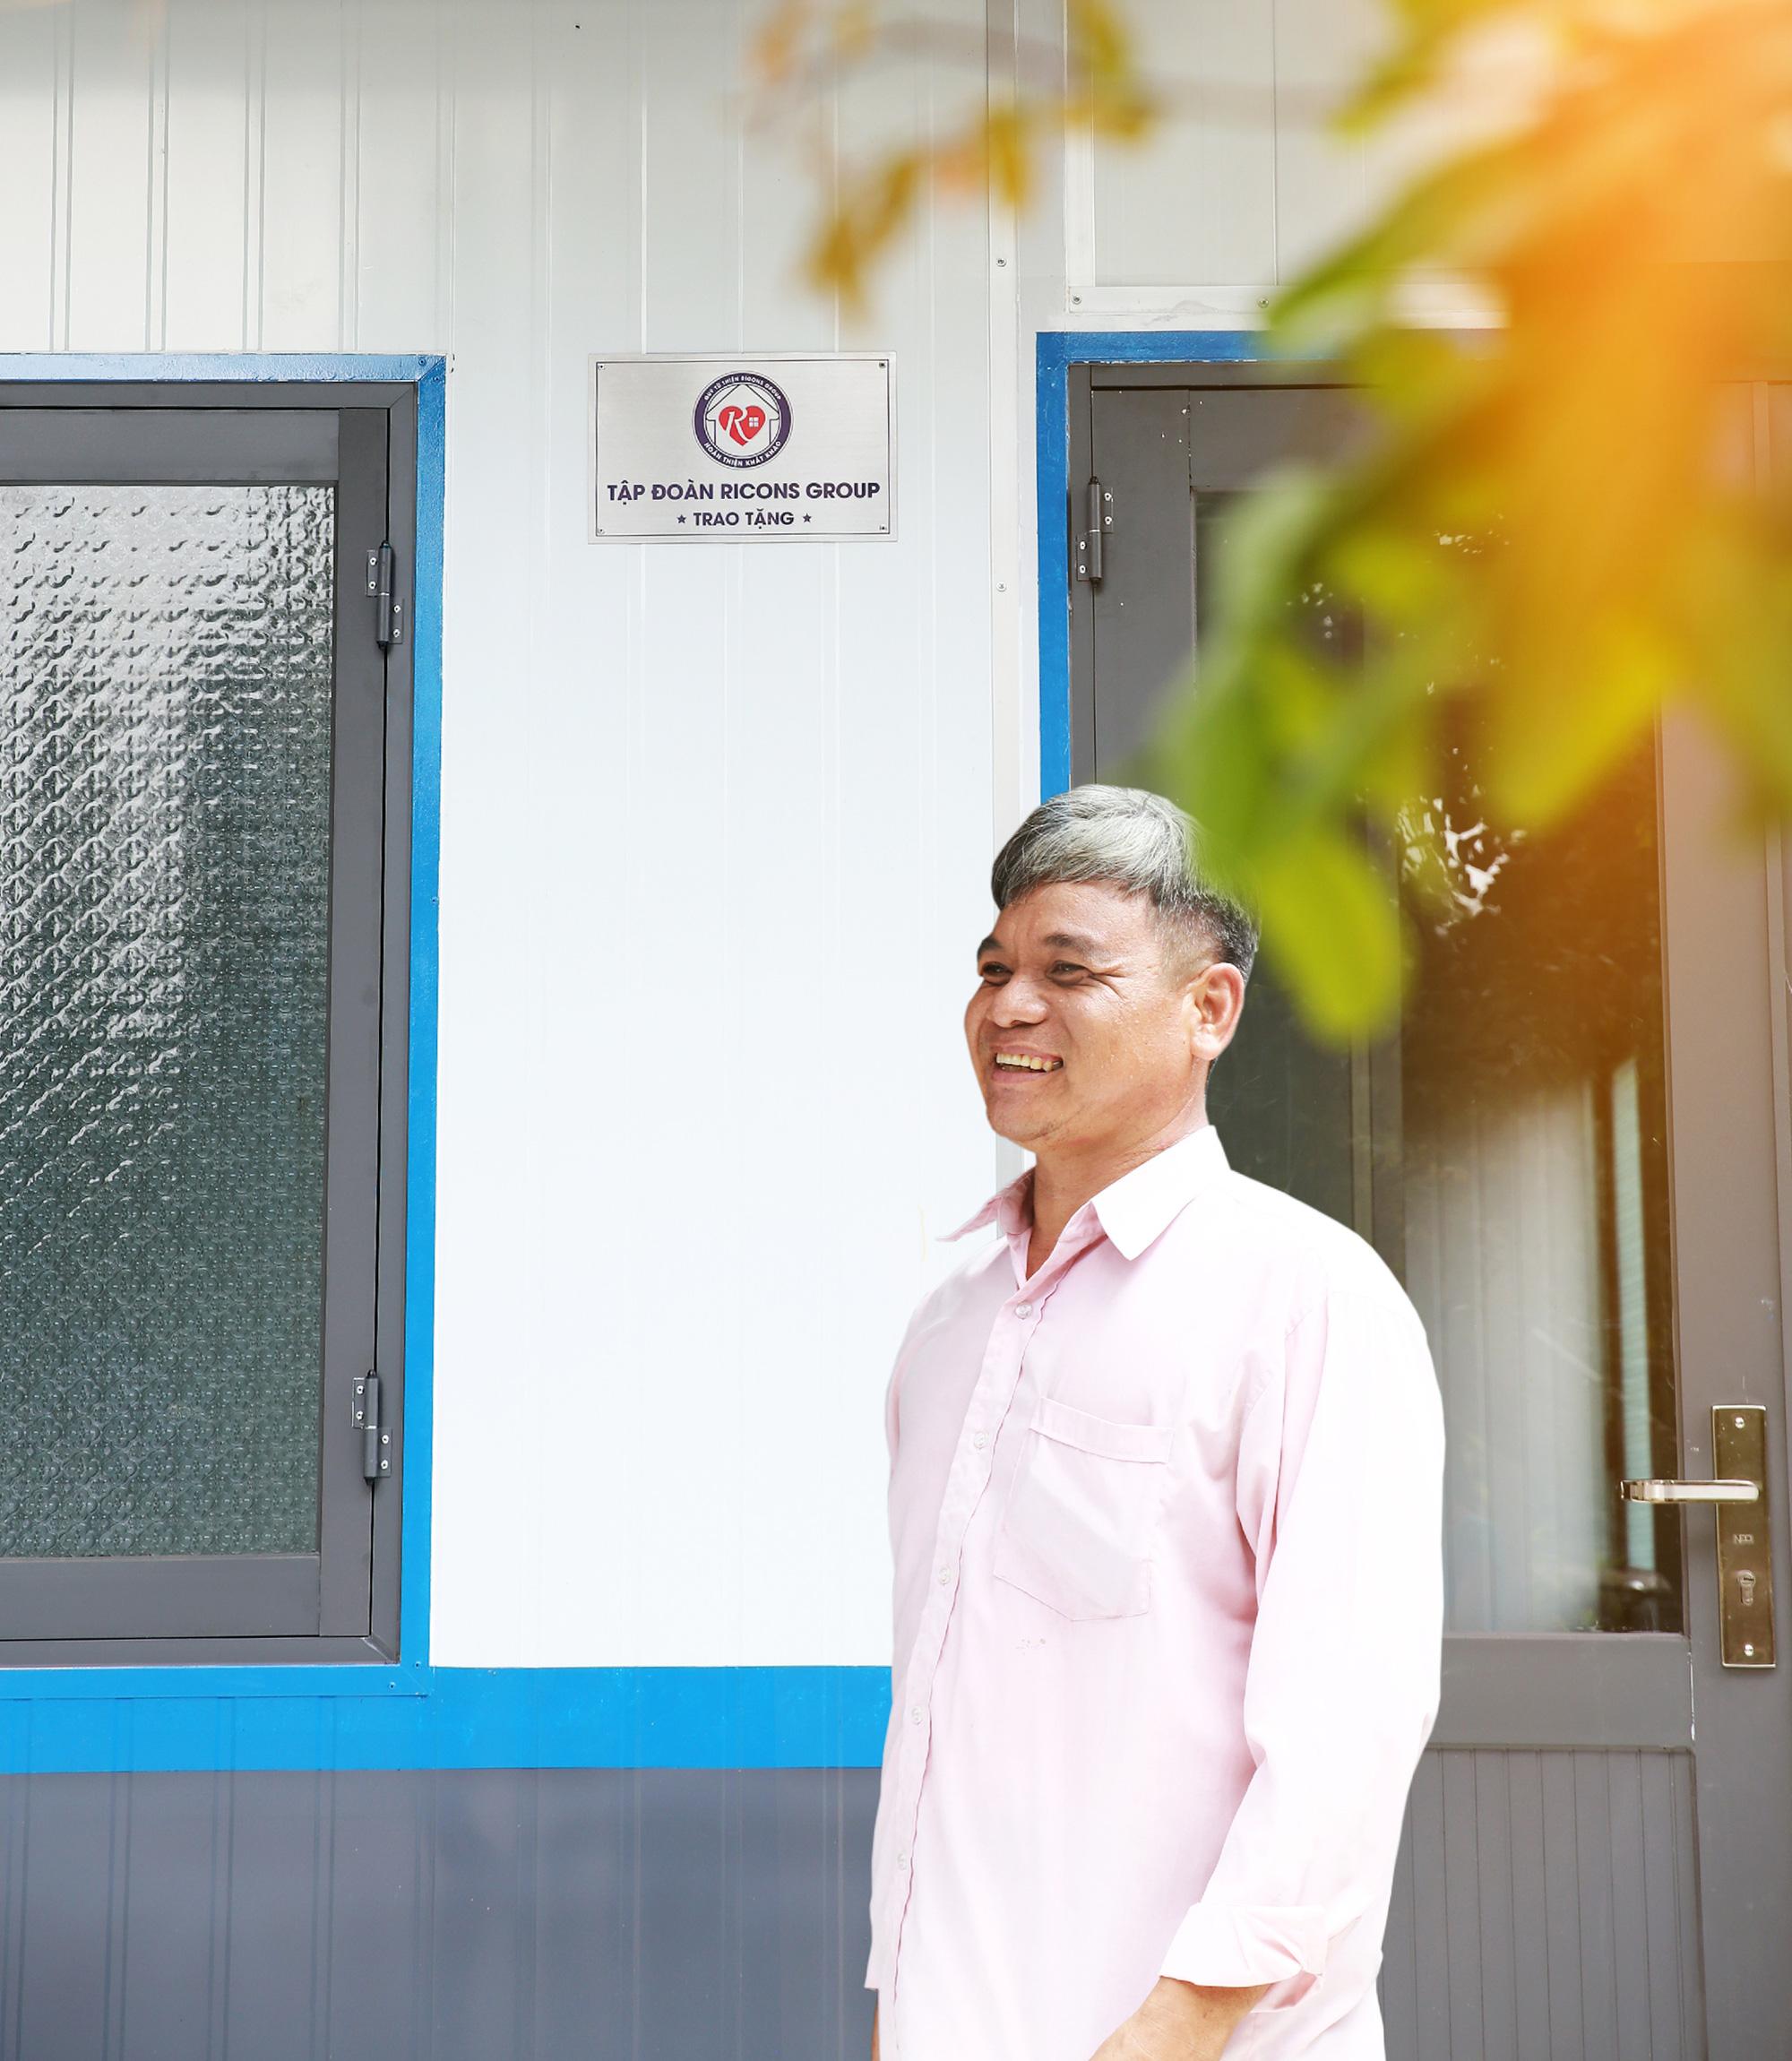 Quỹ Hoàn Thiện Khát Khao: Hành trình hiện thực hóa giấc mơ an cư cho người nghèo - Ảnh 7.